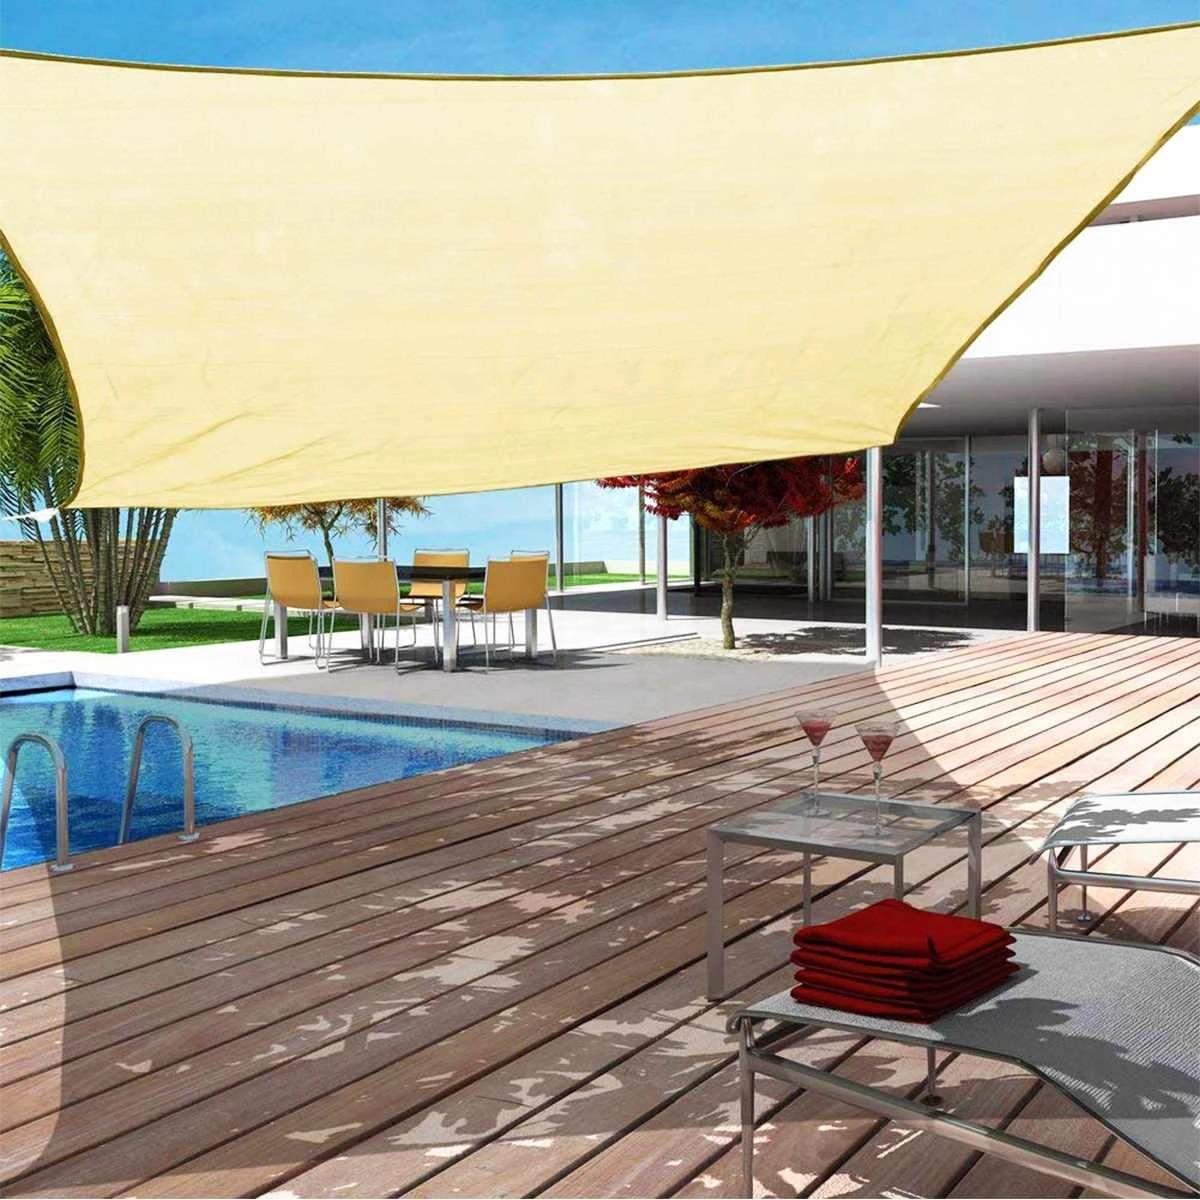 2x3 300d etanche abri soleil rectangle parasol protection exterieure auvent jardin patio piscine ombre voile auvent camping ombre